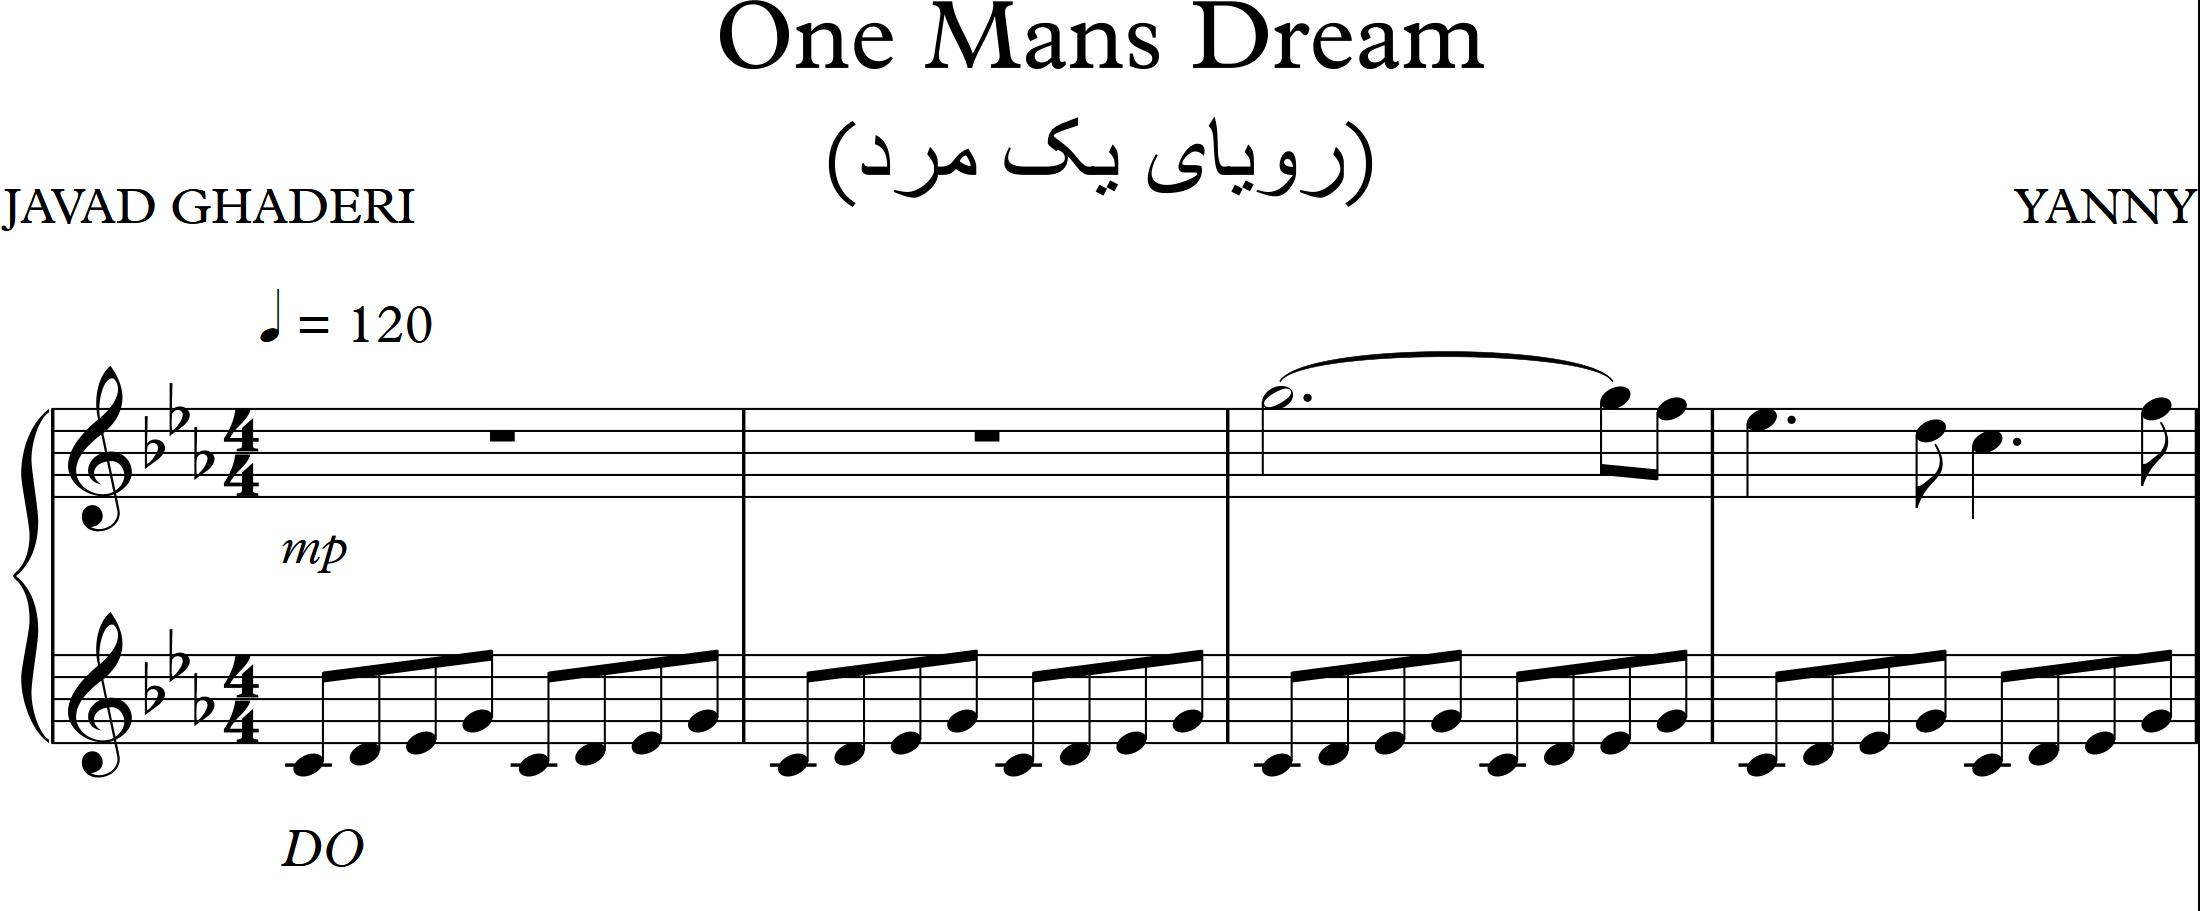 نت آهنگ رویای یک مرد One mans Dream از یانی